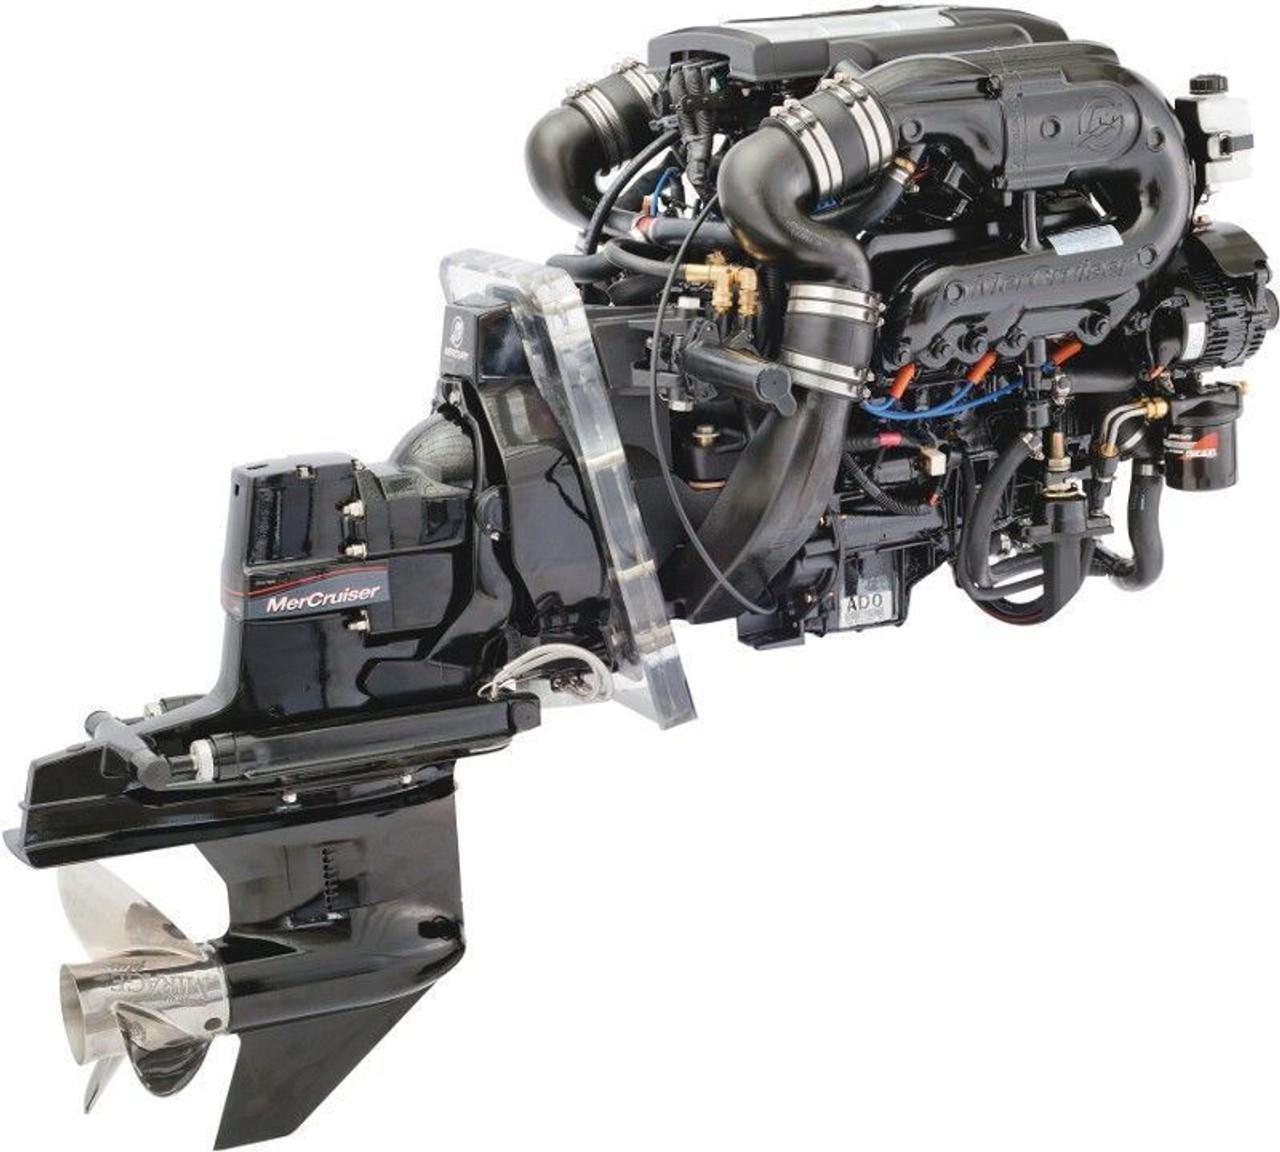 mercruiser engines factory service manual 9 gm v8 1985 1988 rh repairmanuals4u com mercruiser 140 service manual pdf 140 Mercruiser Engine Specs